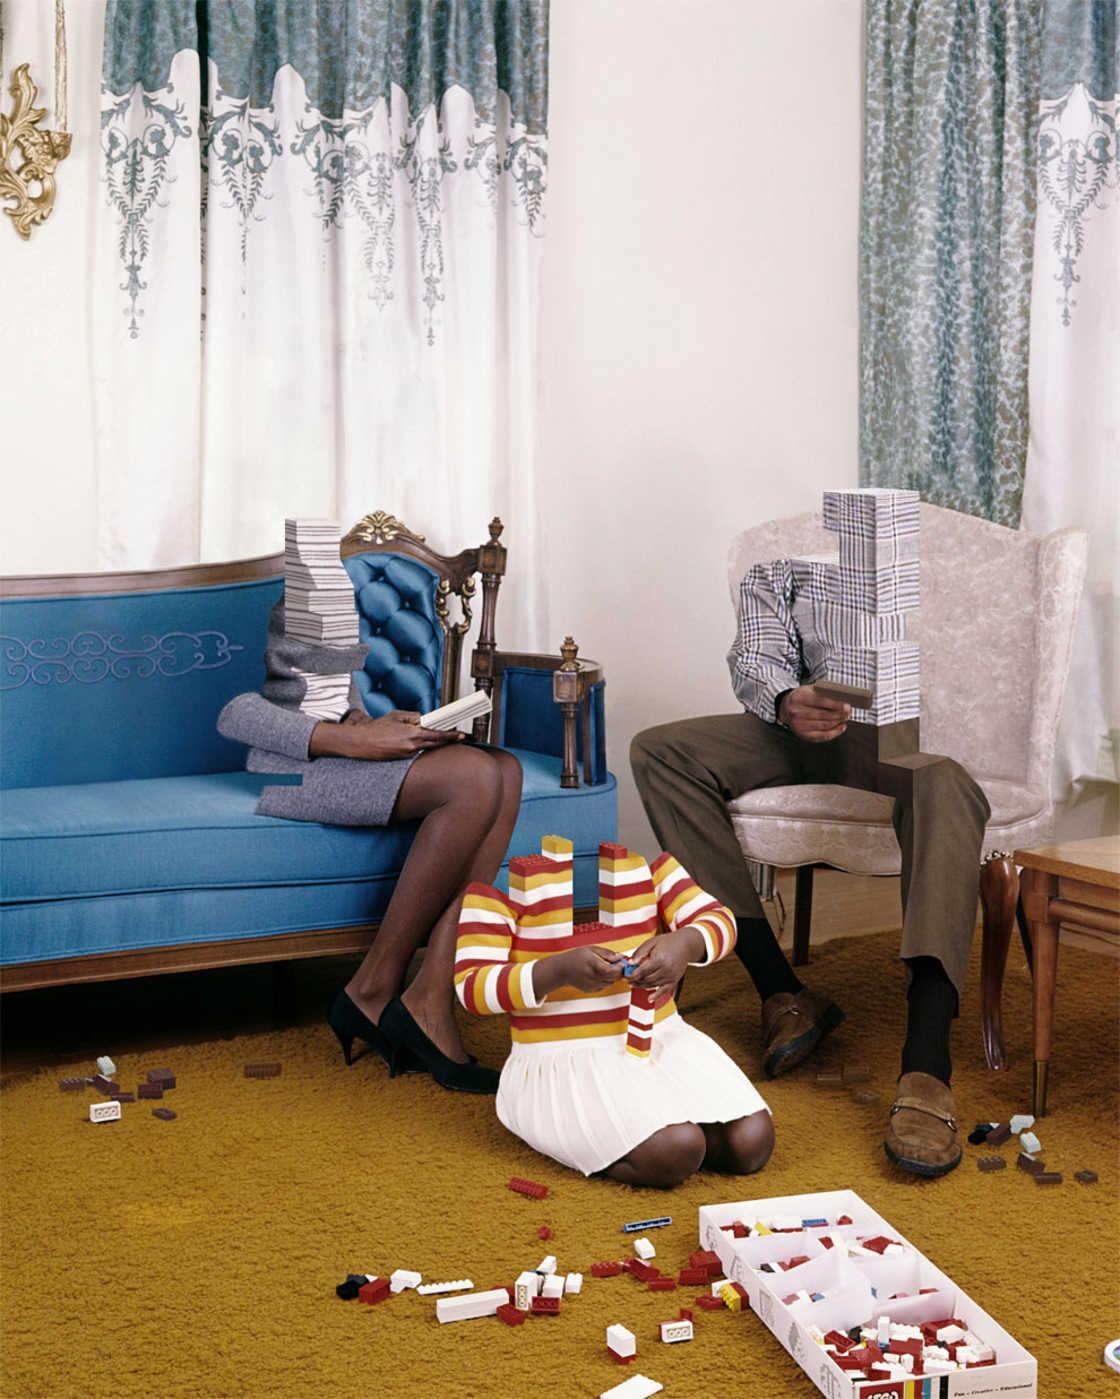 As manipulacoes inusitadas de Weronika Gesicka